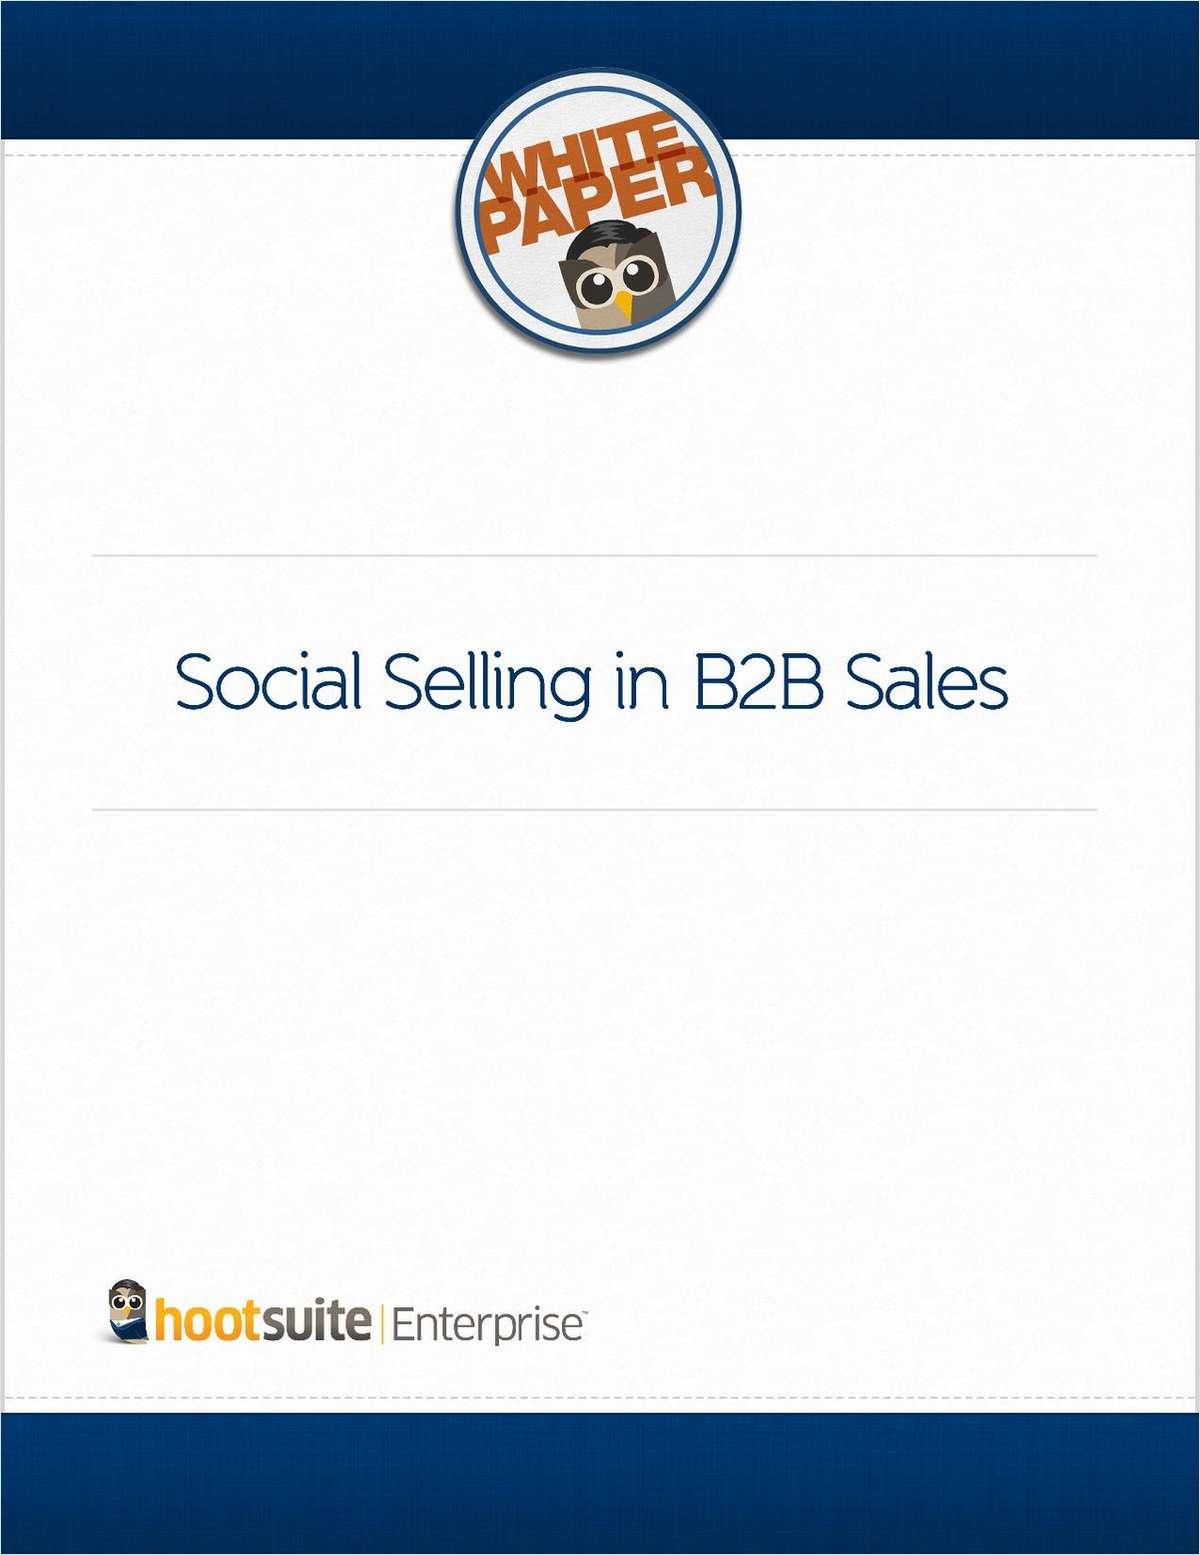 Social Selling in B2B Sales